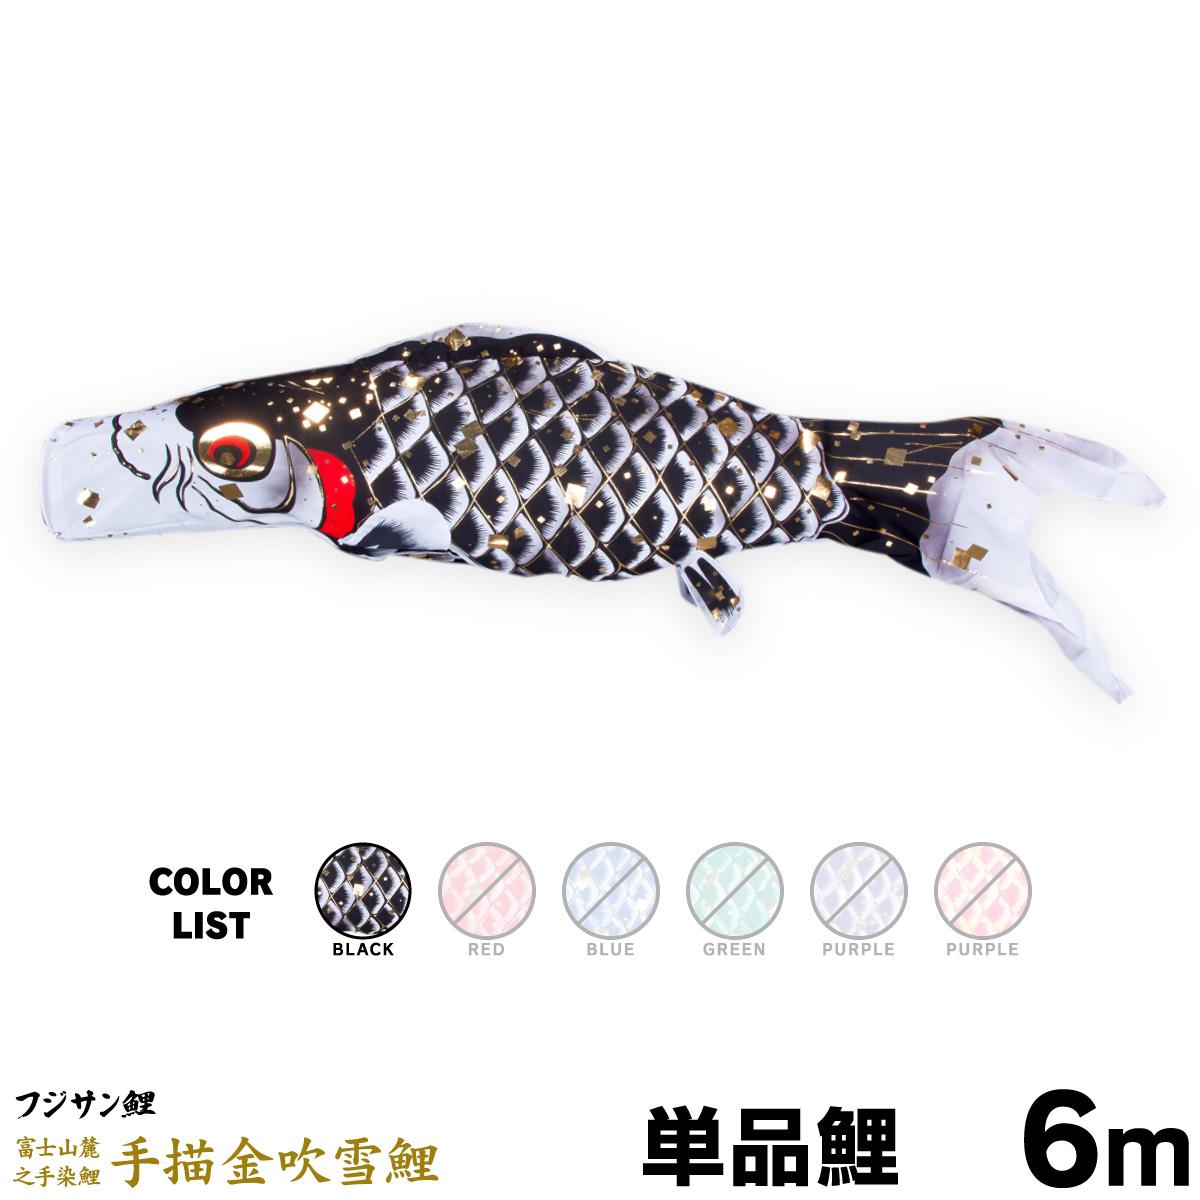 【こいのぼり 単品】 手描金吹雪鯉 6m 単品鯉